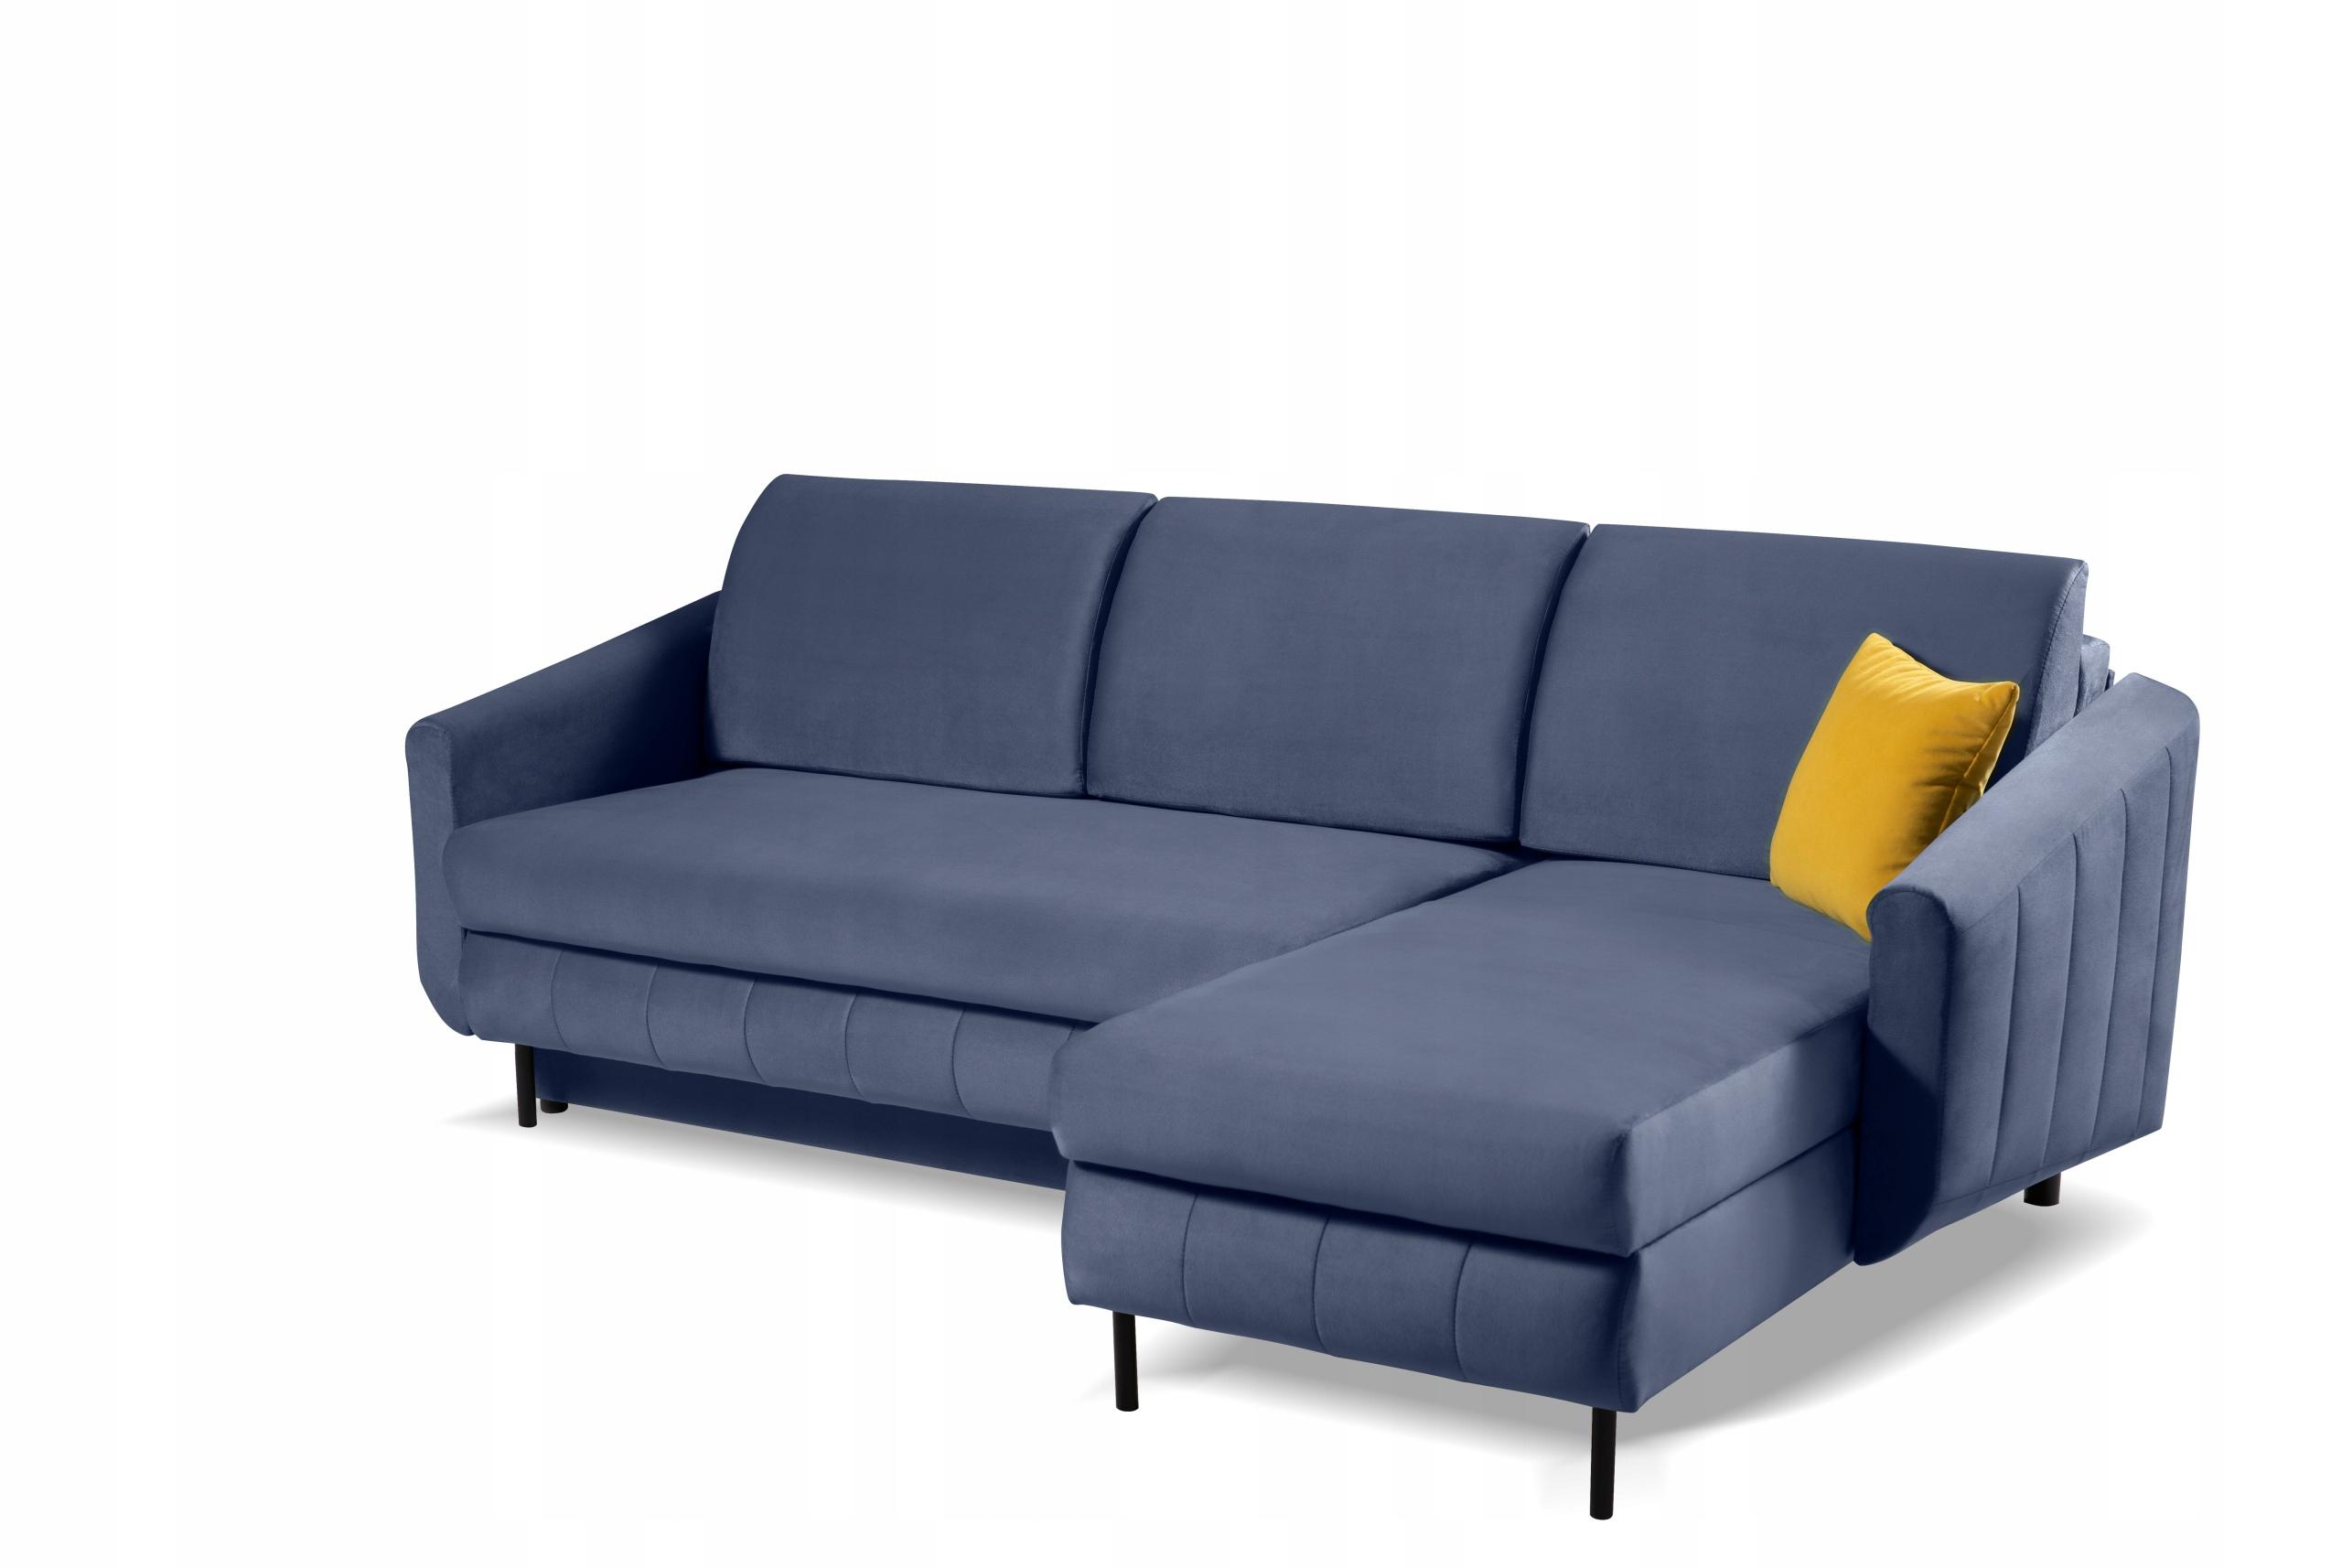 RINGO NEU komfortable Ecke Ecke Wohnzimmer Farbe Die Tiefe der Möbel 162 cm